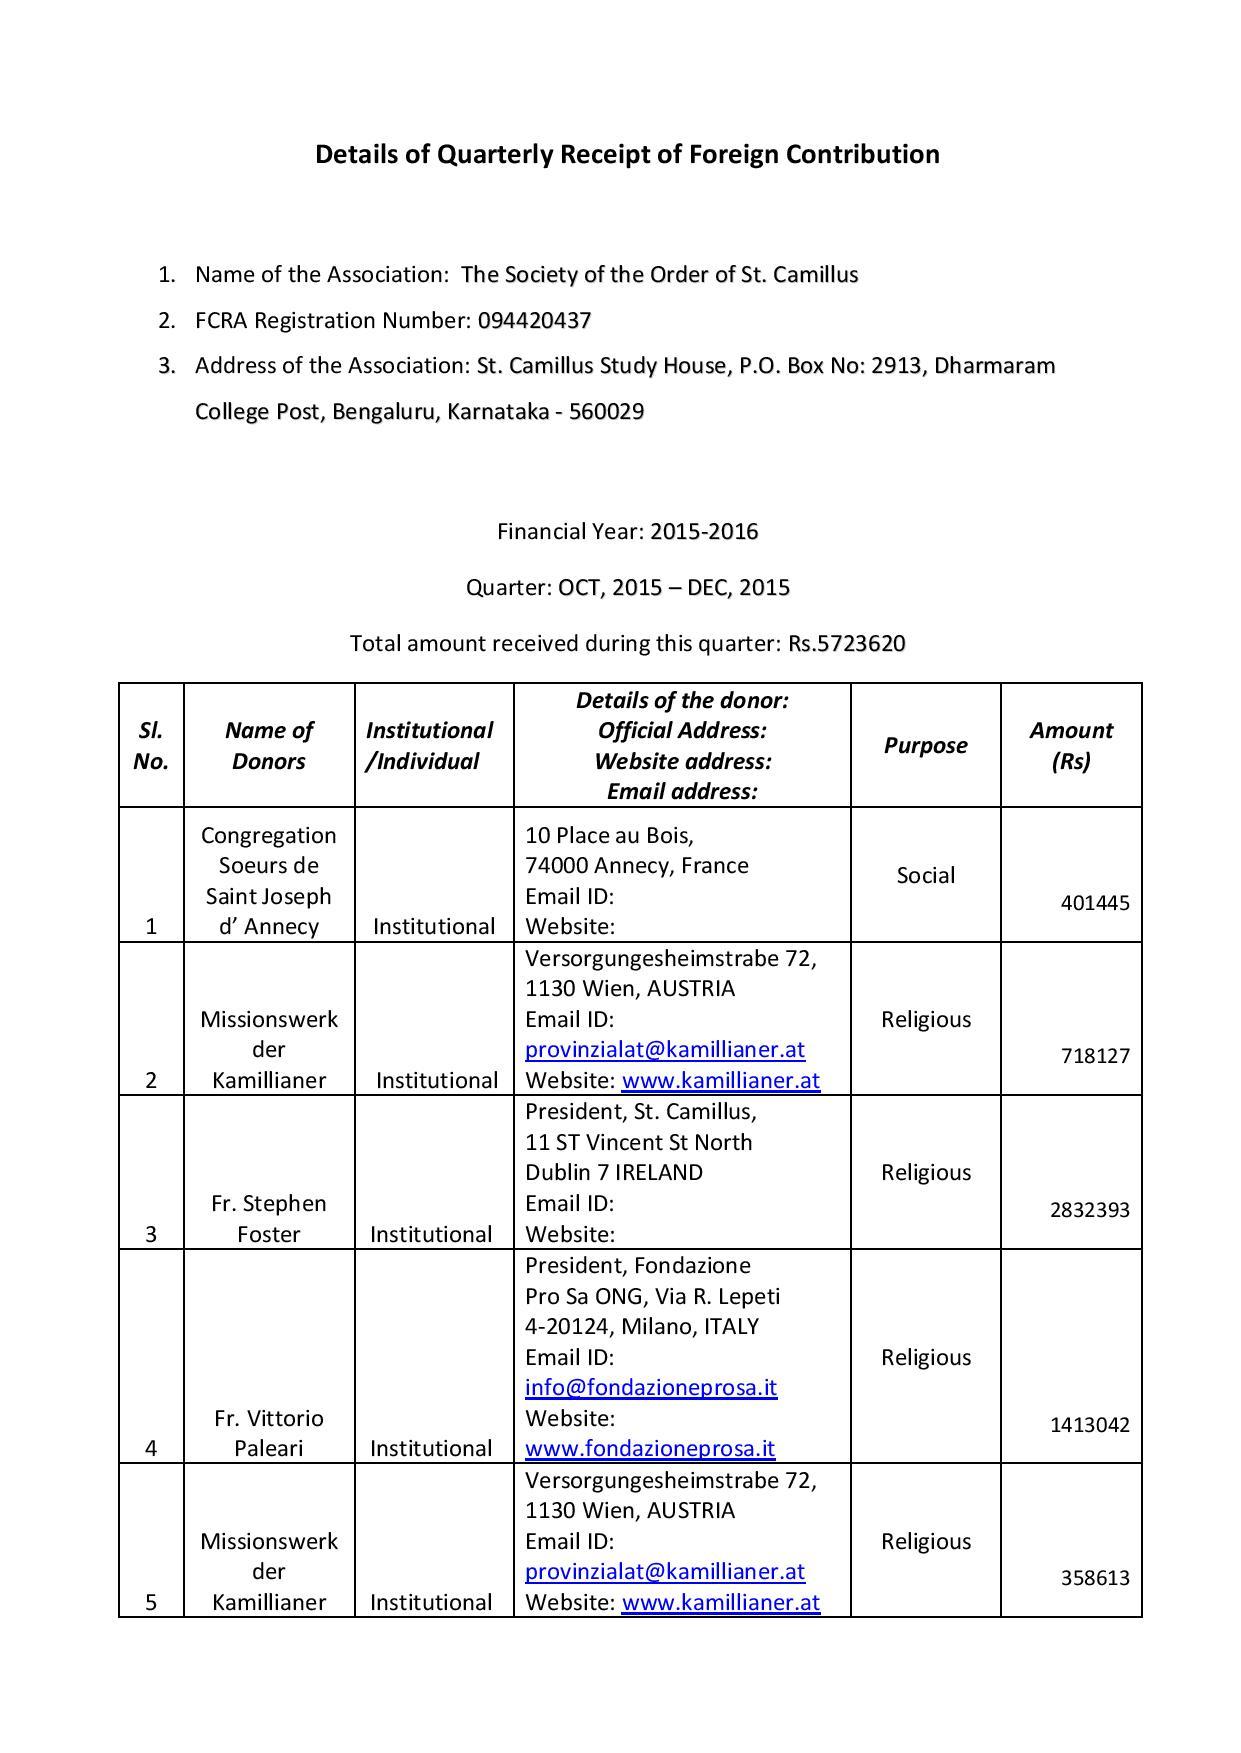 Quarterly Receipt of F C, Oct 2015 - Dec 2015